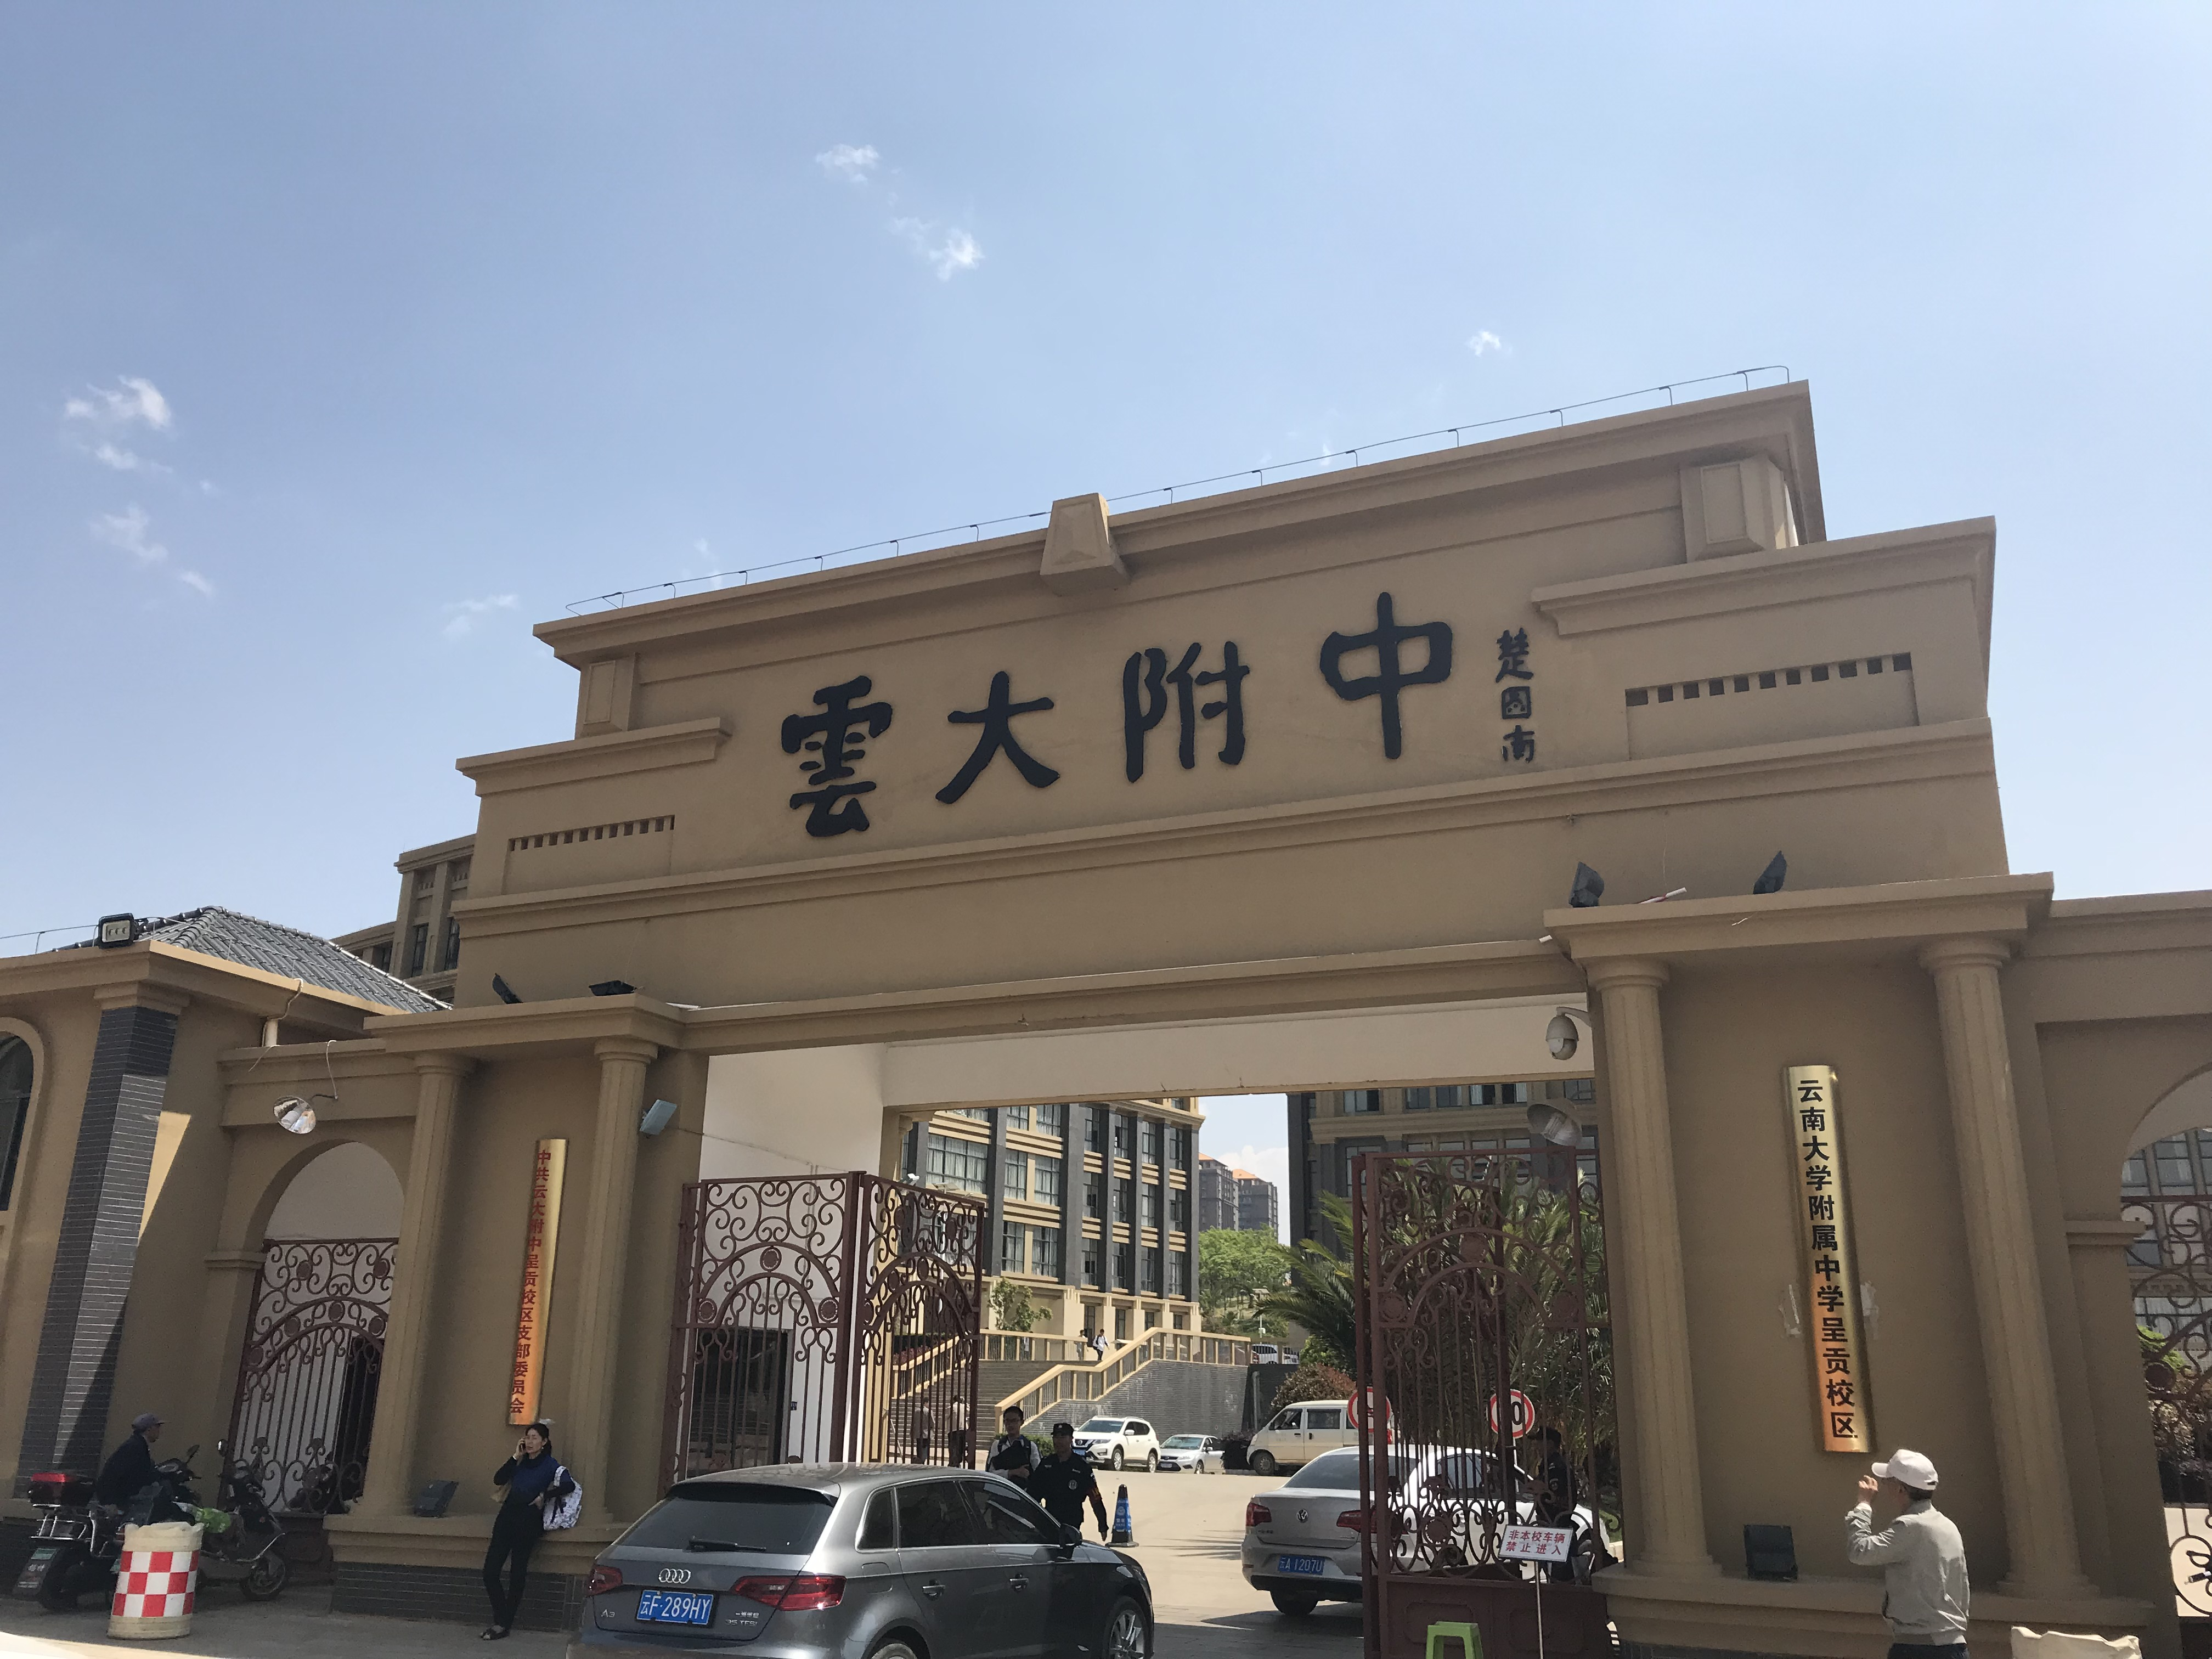 新闻快报:2019年昆明2所限报重点民办学校或改名